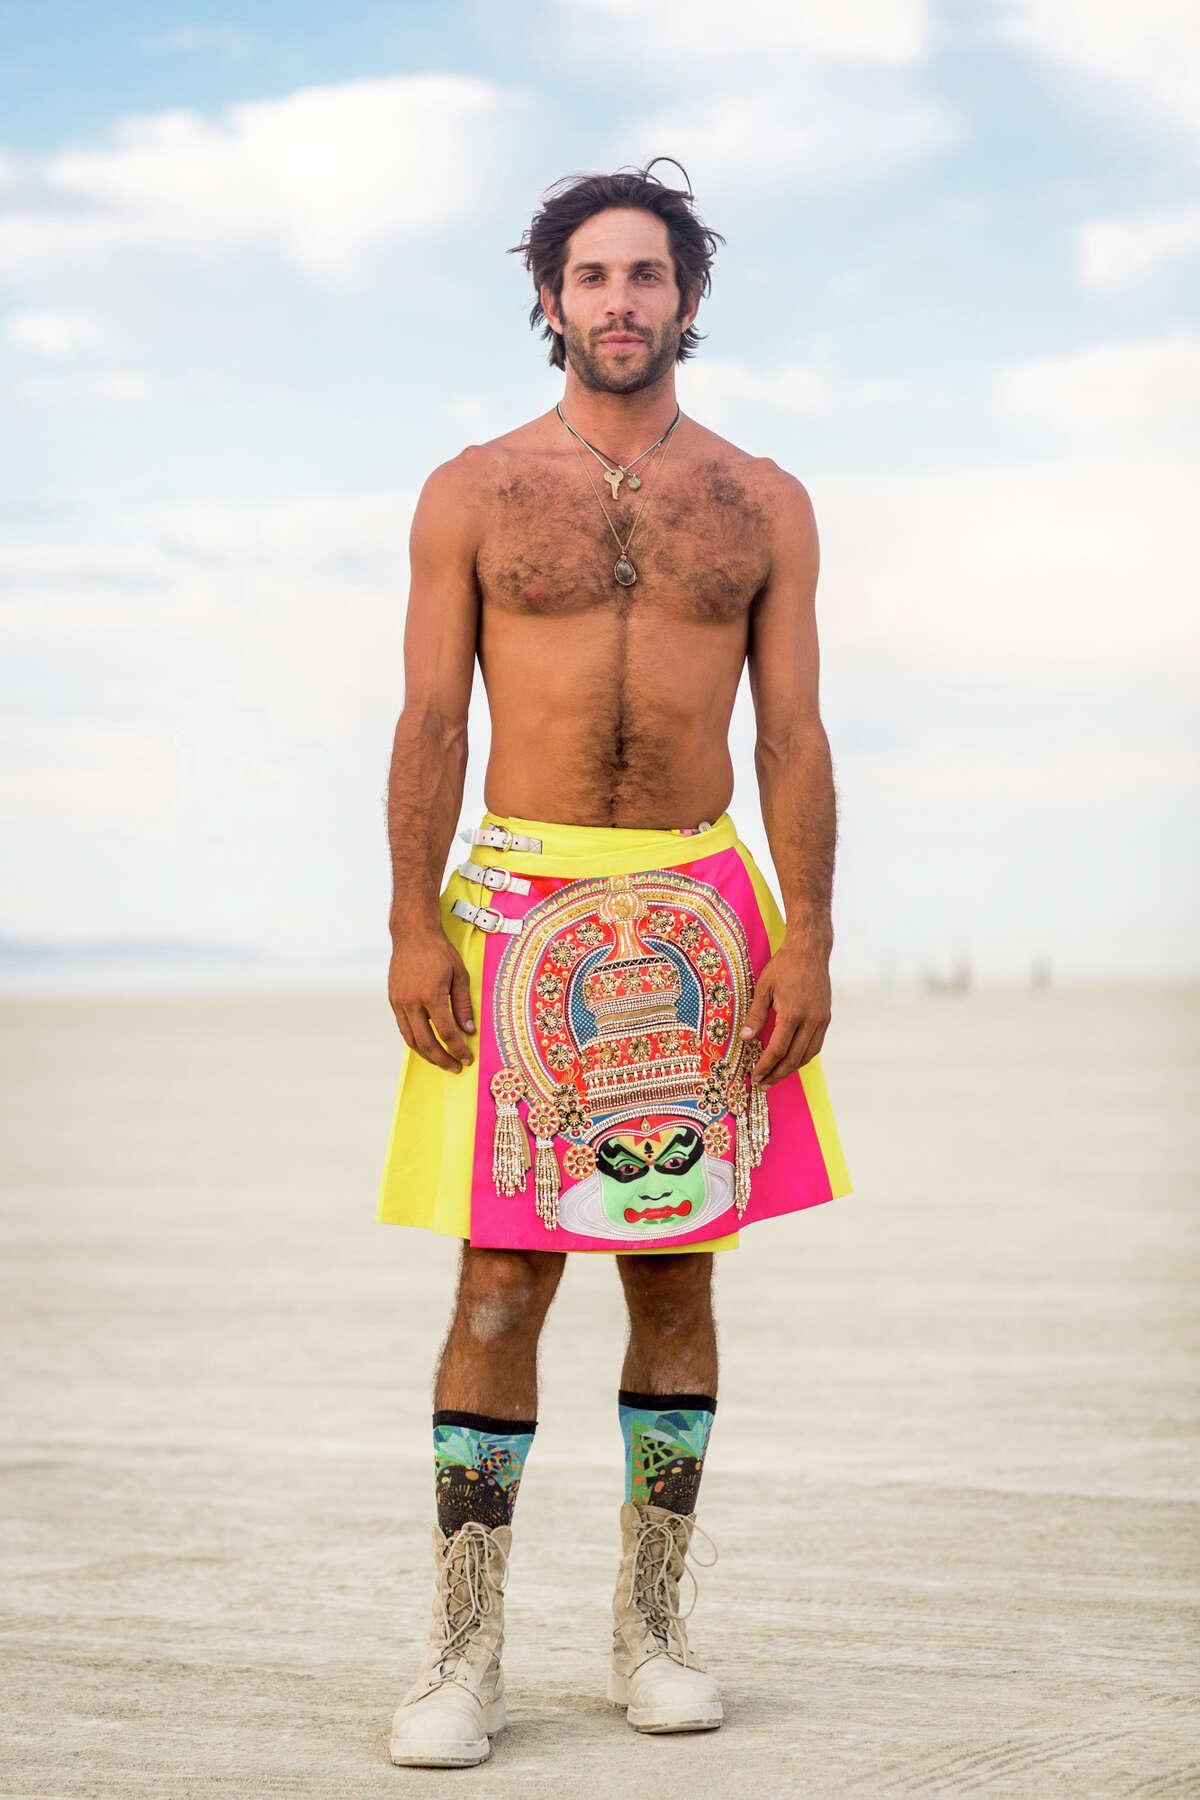 Alex Regenstreich from Venice Beach wearing a Manish Arora Kilt at Burning Man 2017.